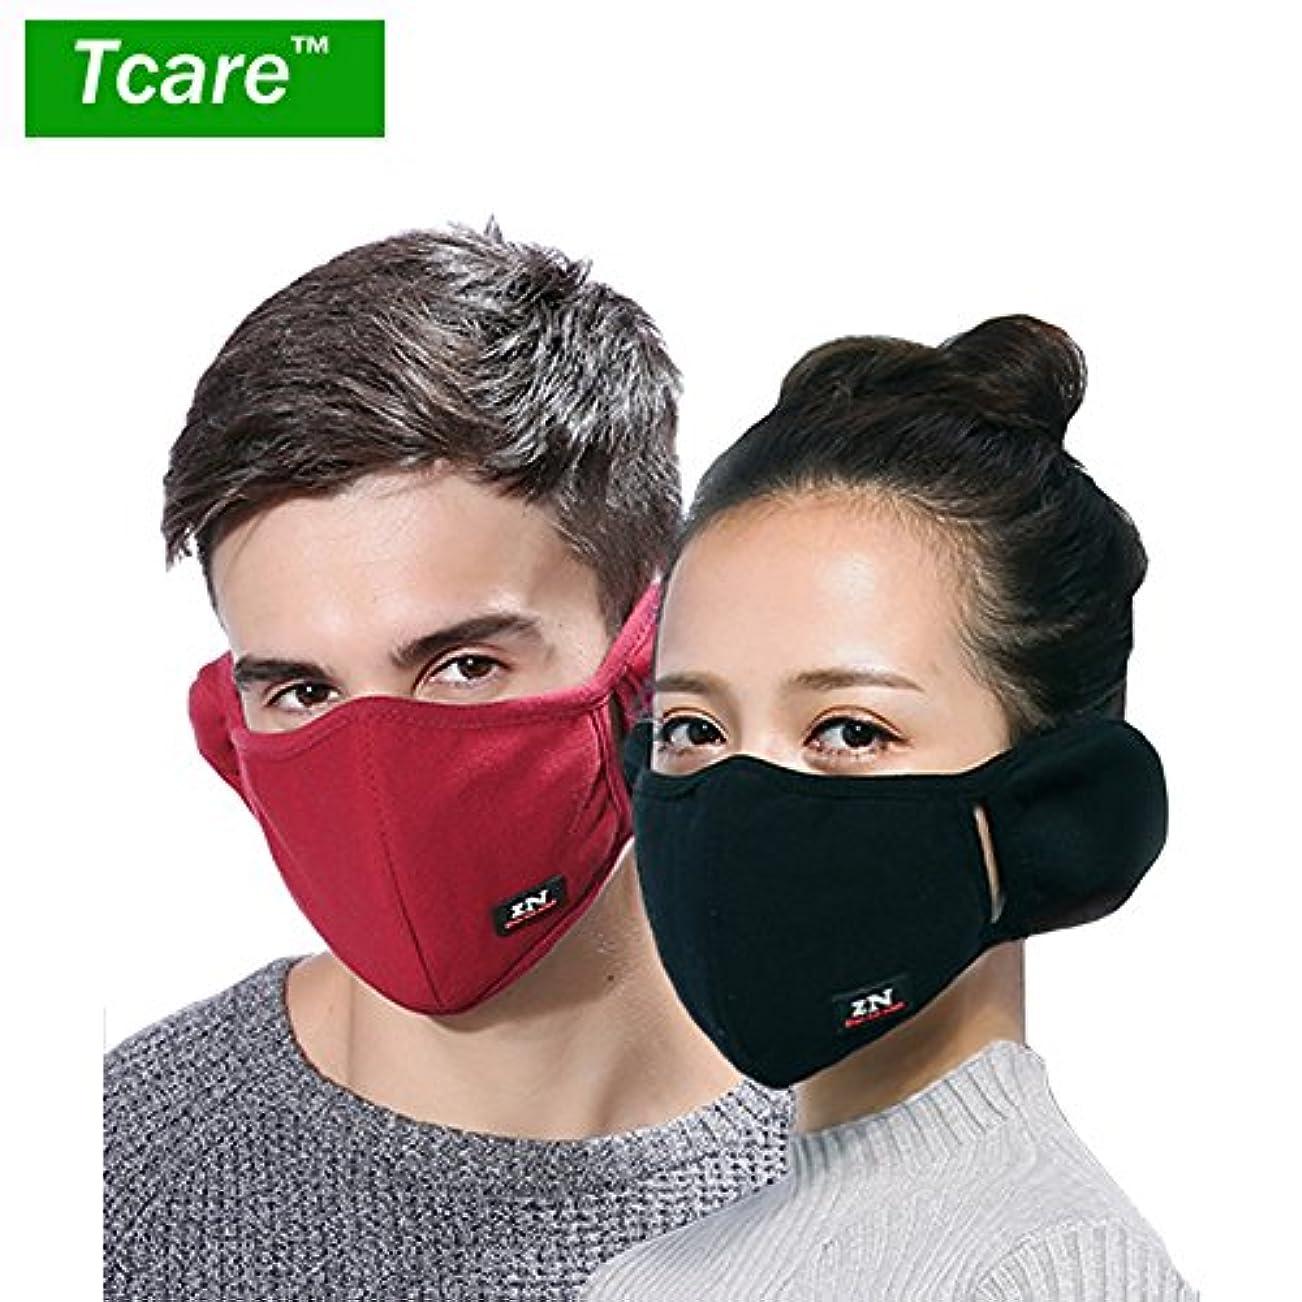 悩みコインコミュニケーション男性女性の少年少女のためのTcare呼吸器2レイヤピュアコットン保護フィルター挿入口:6ピンク